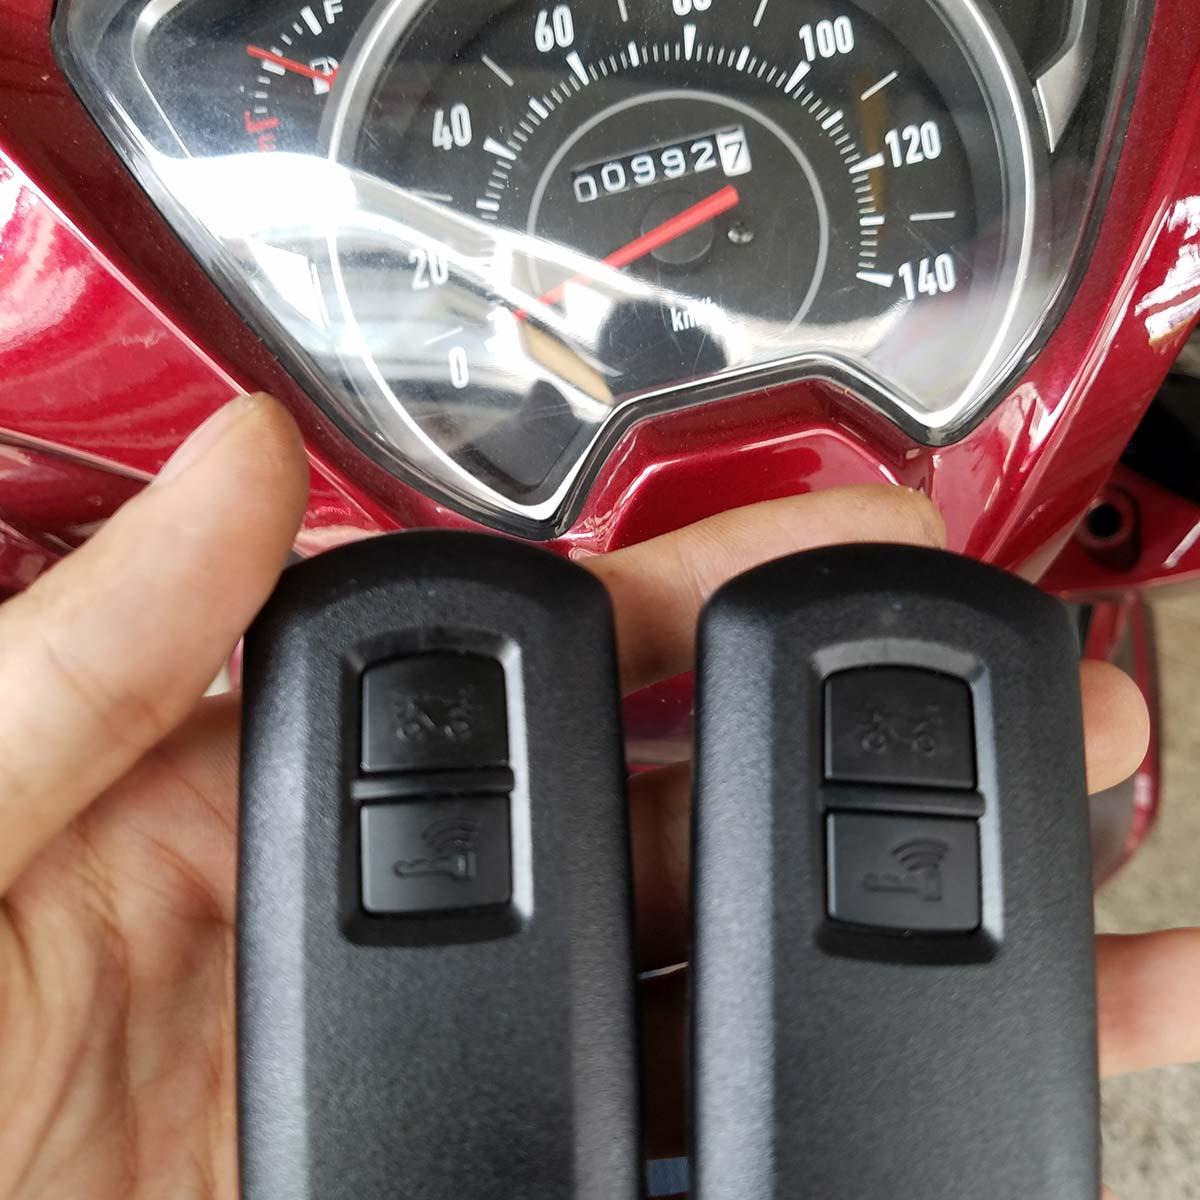 Cách sửa khóa thông minh Honda không lên điện